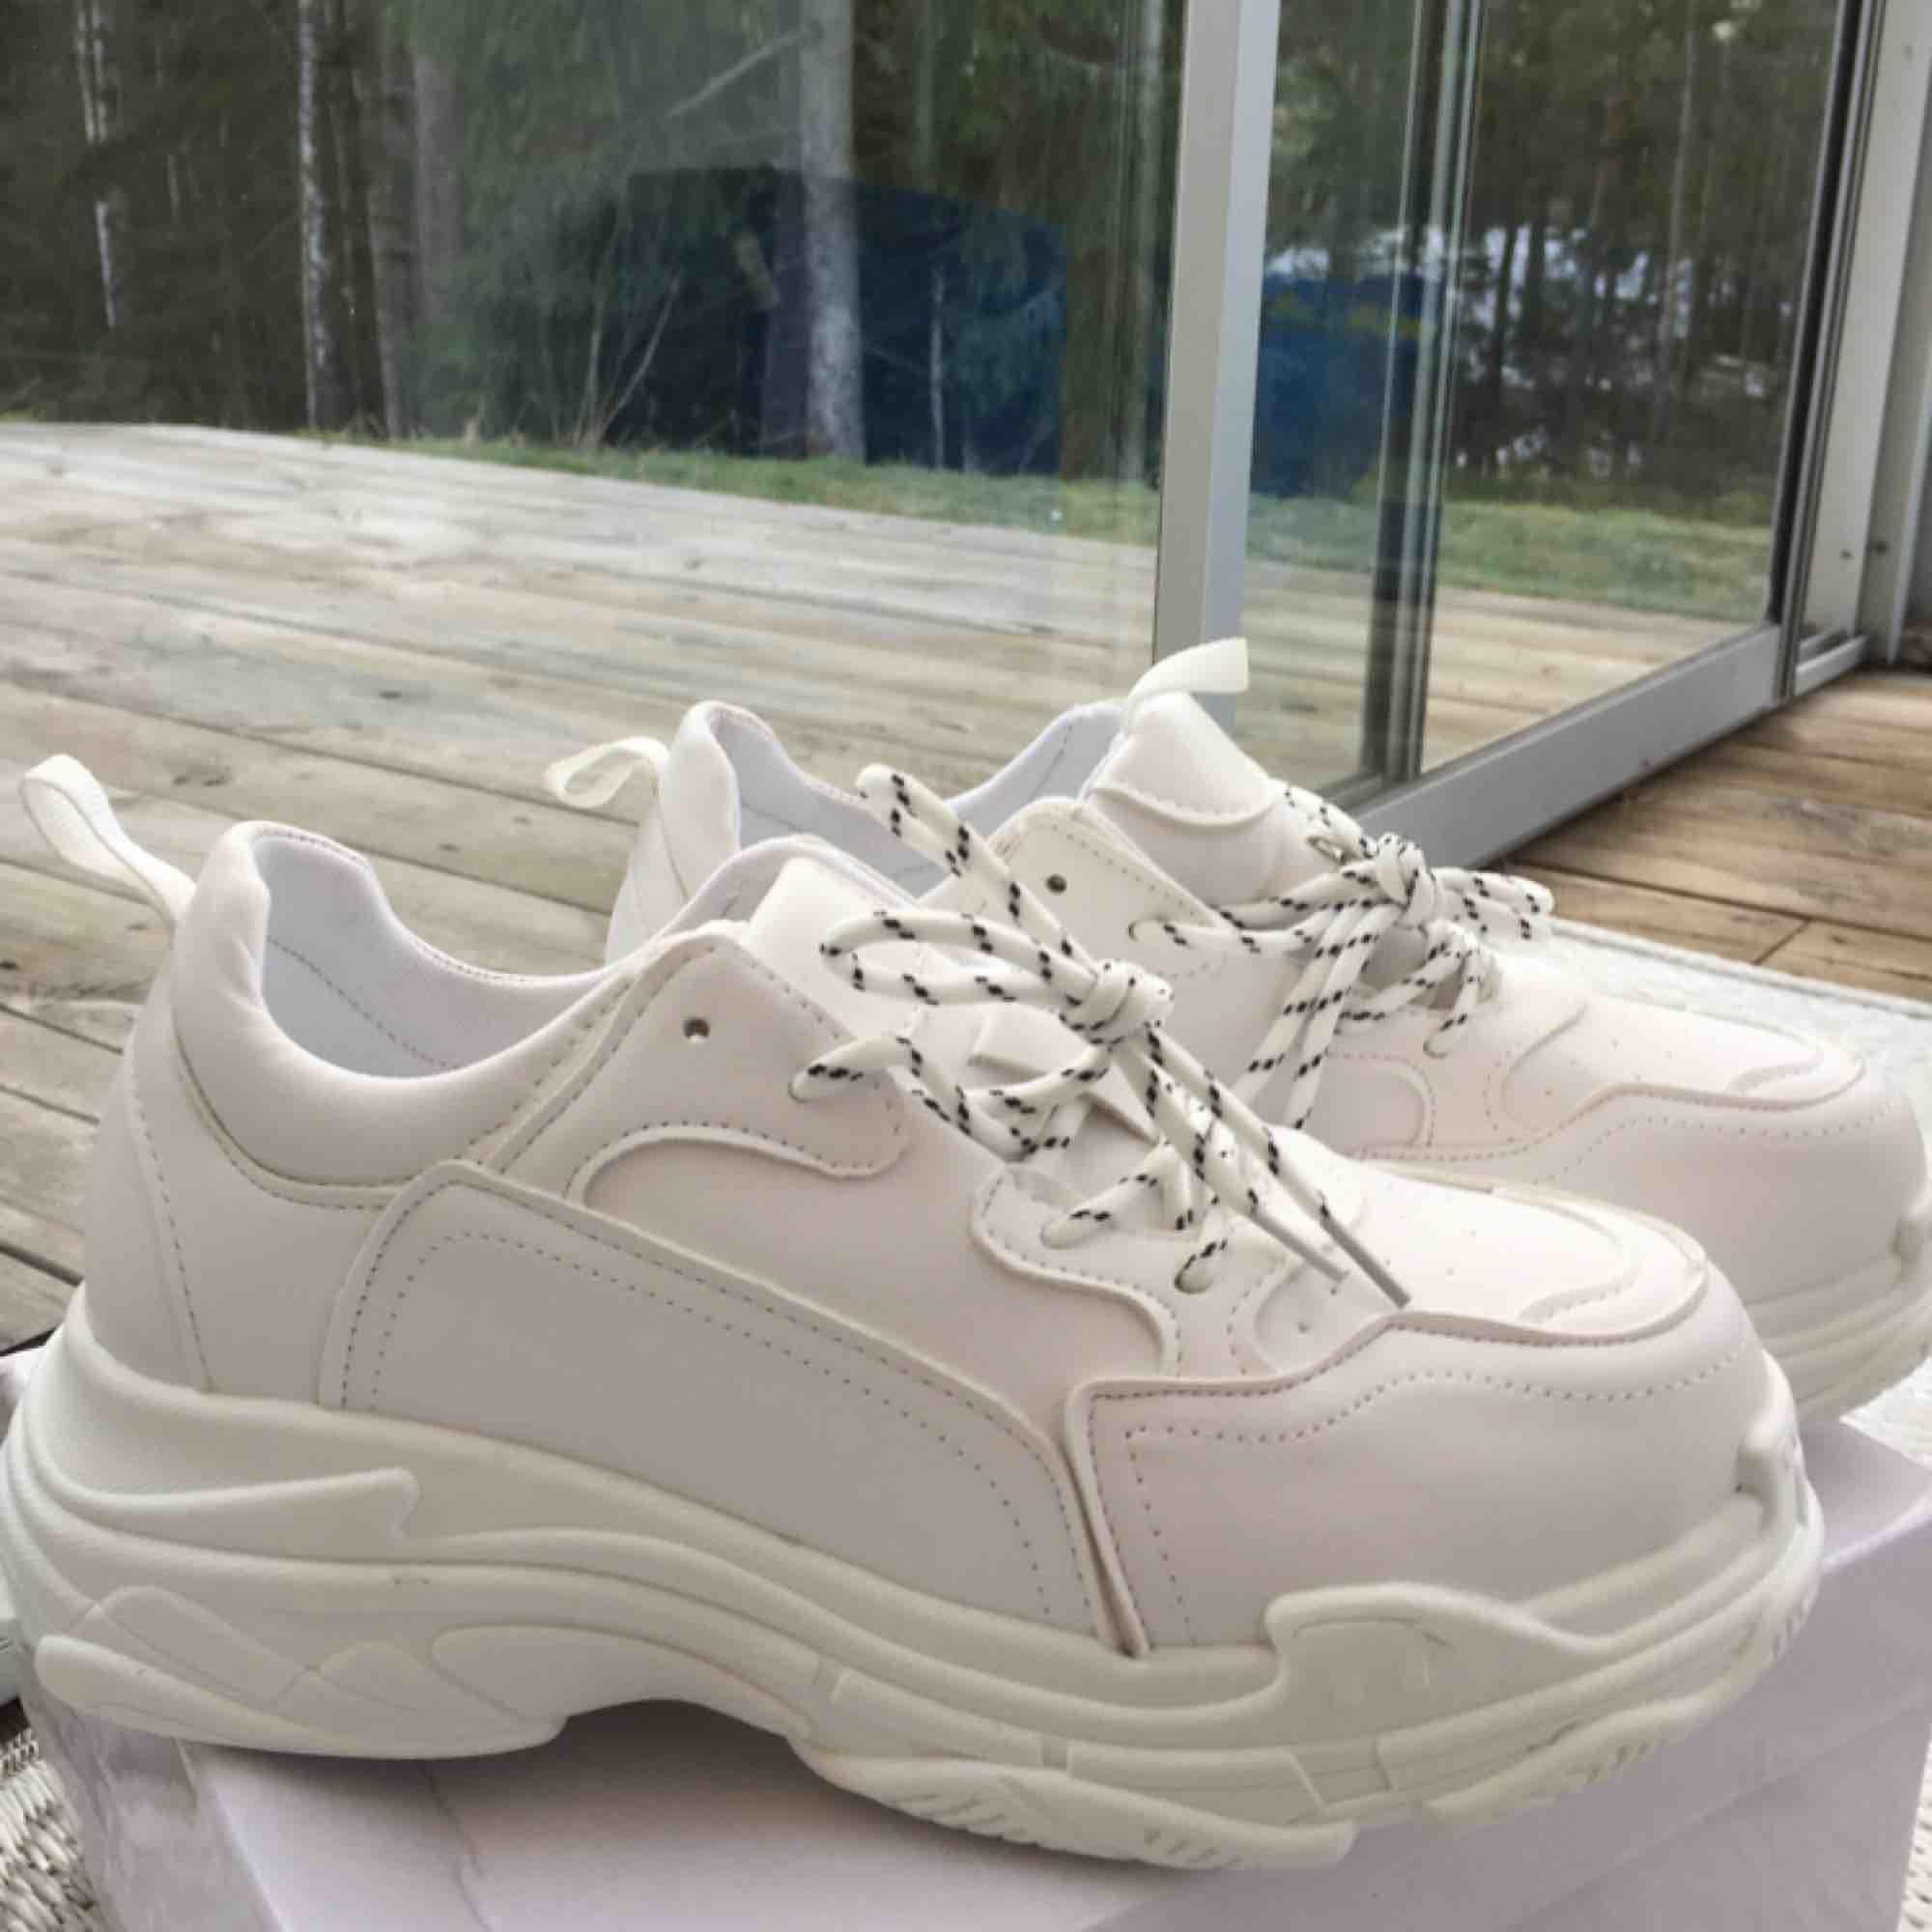 1a8be4ffbf2 Nya helt oanvända Chunky sneakers, står storlek 40 på skorna men passar ej  mig som